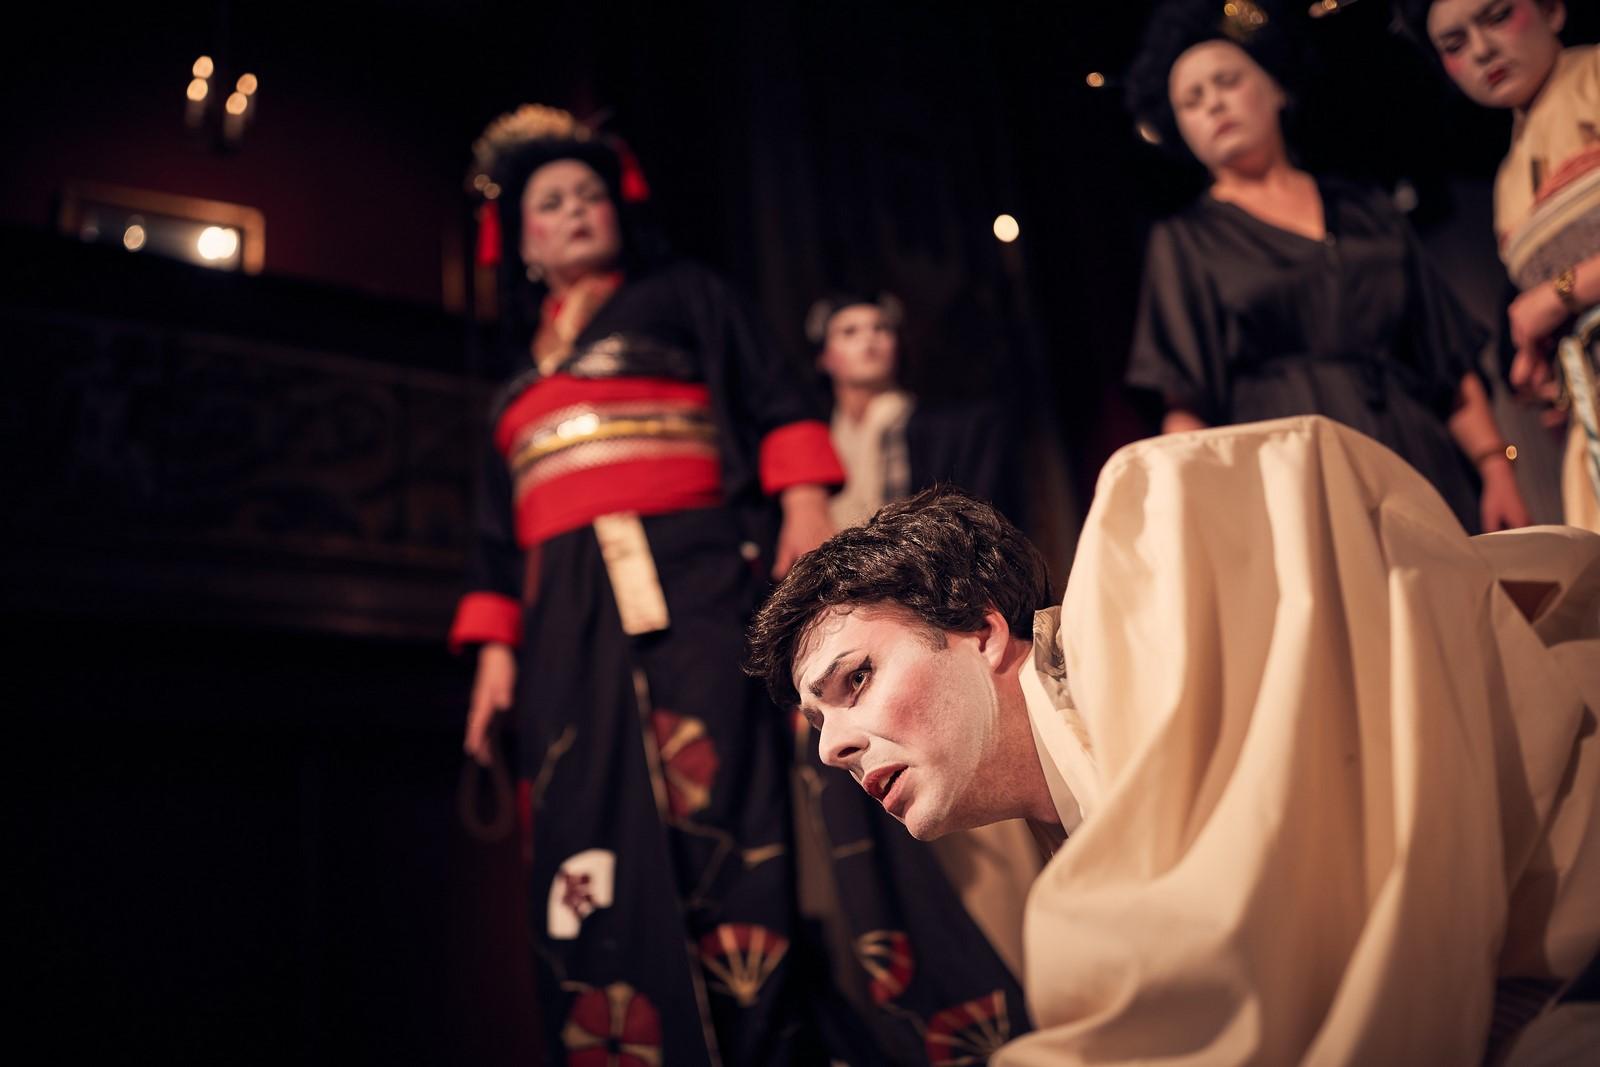 Anmeldelse: Mikadoen, Hofteatret (Operettekompagniet Polyhymnia)